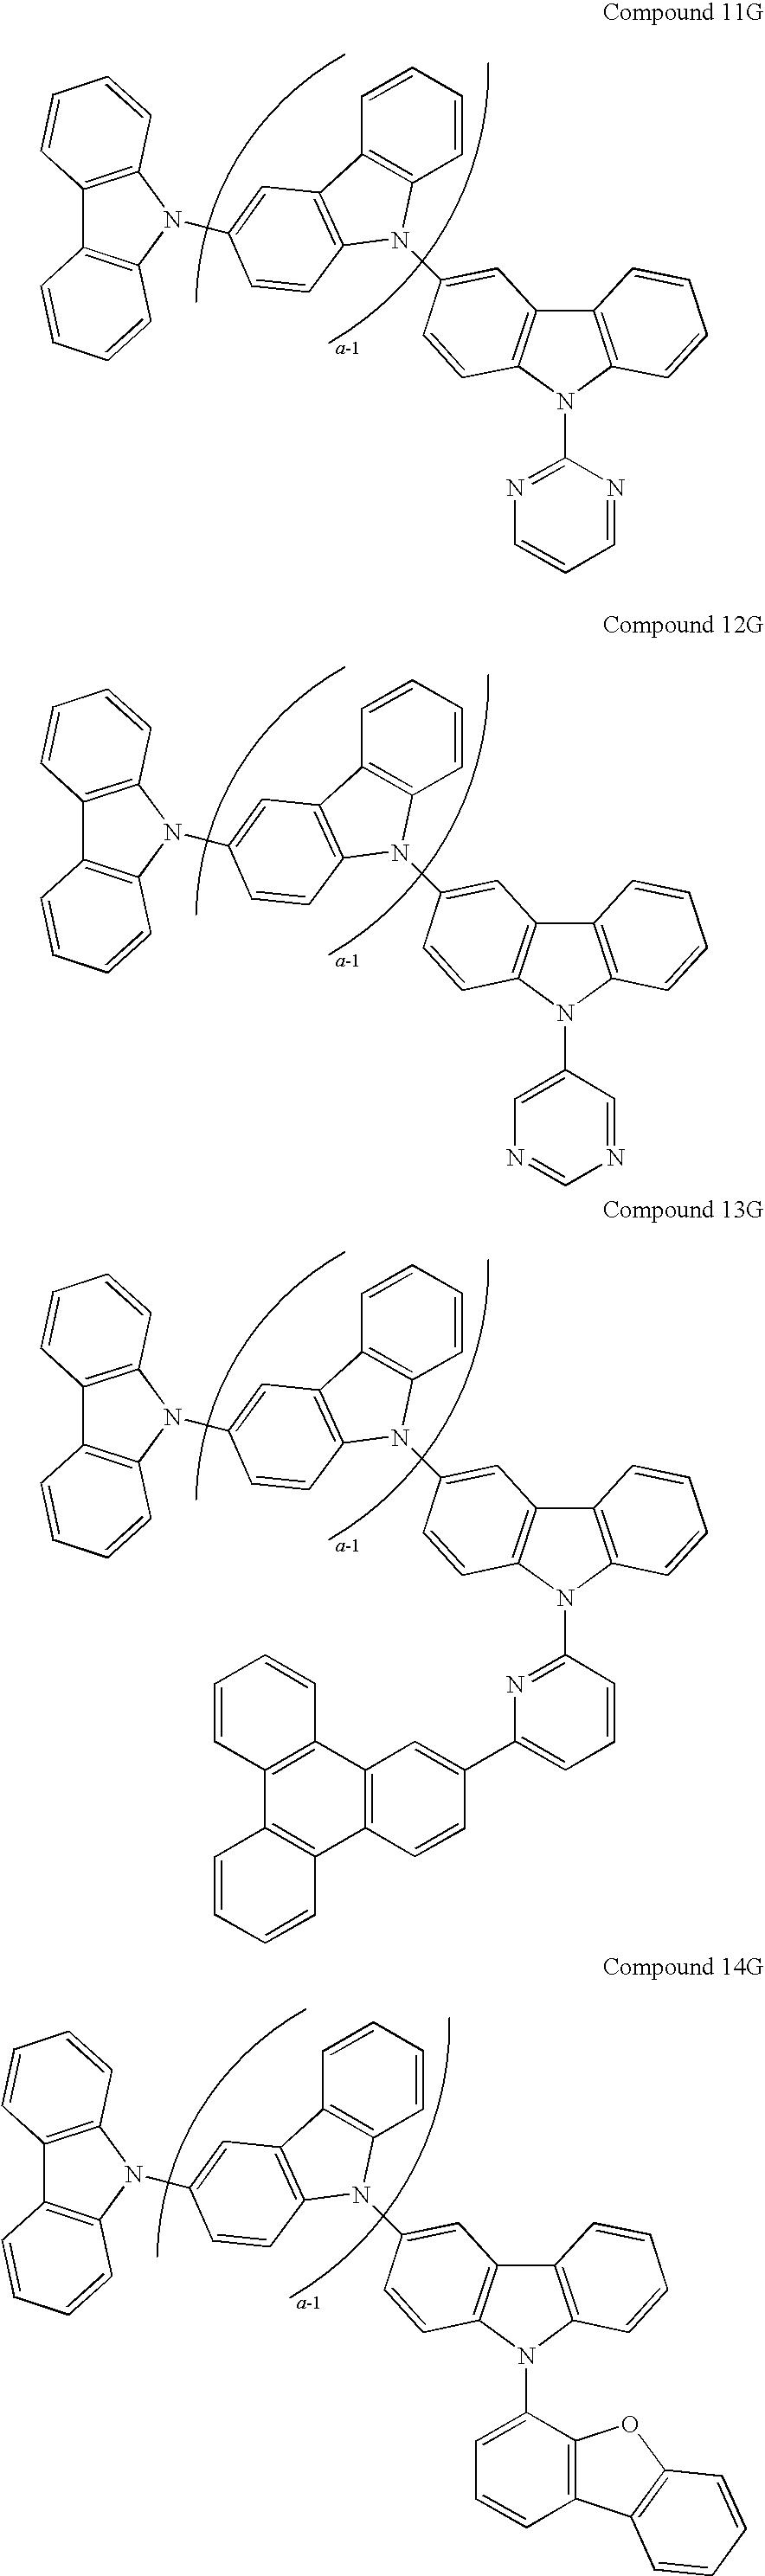 Figure US20090134784A1-20090528-C00203